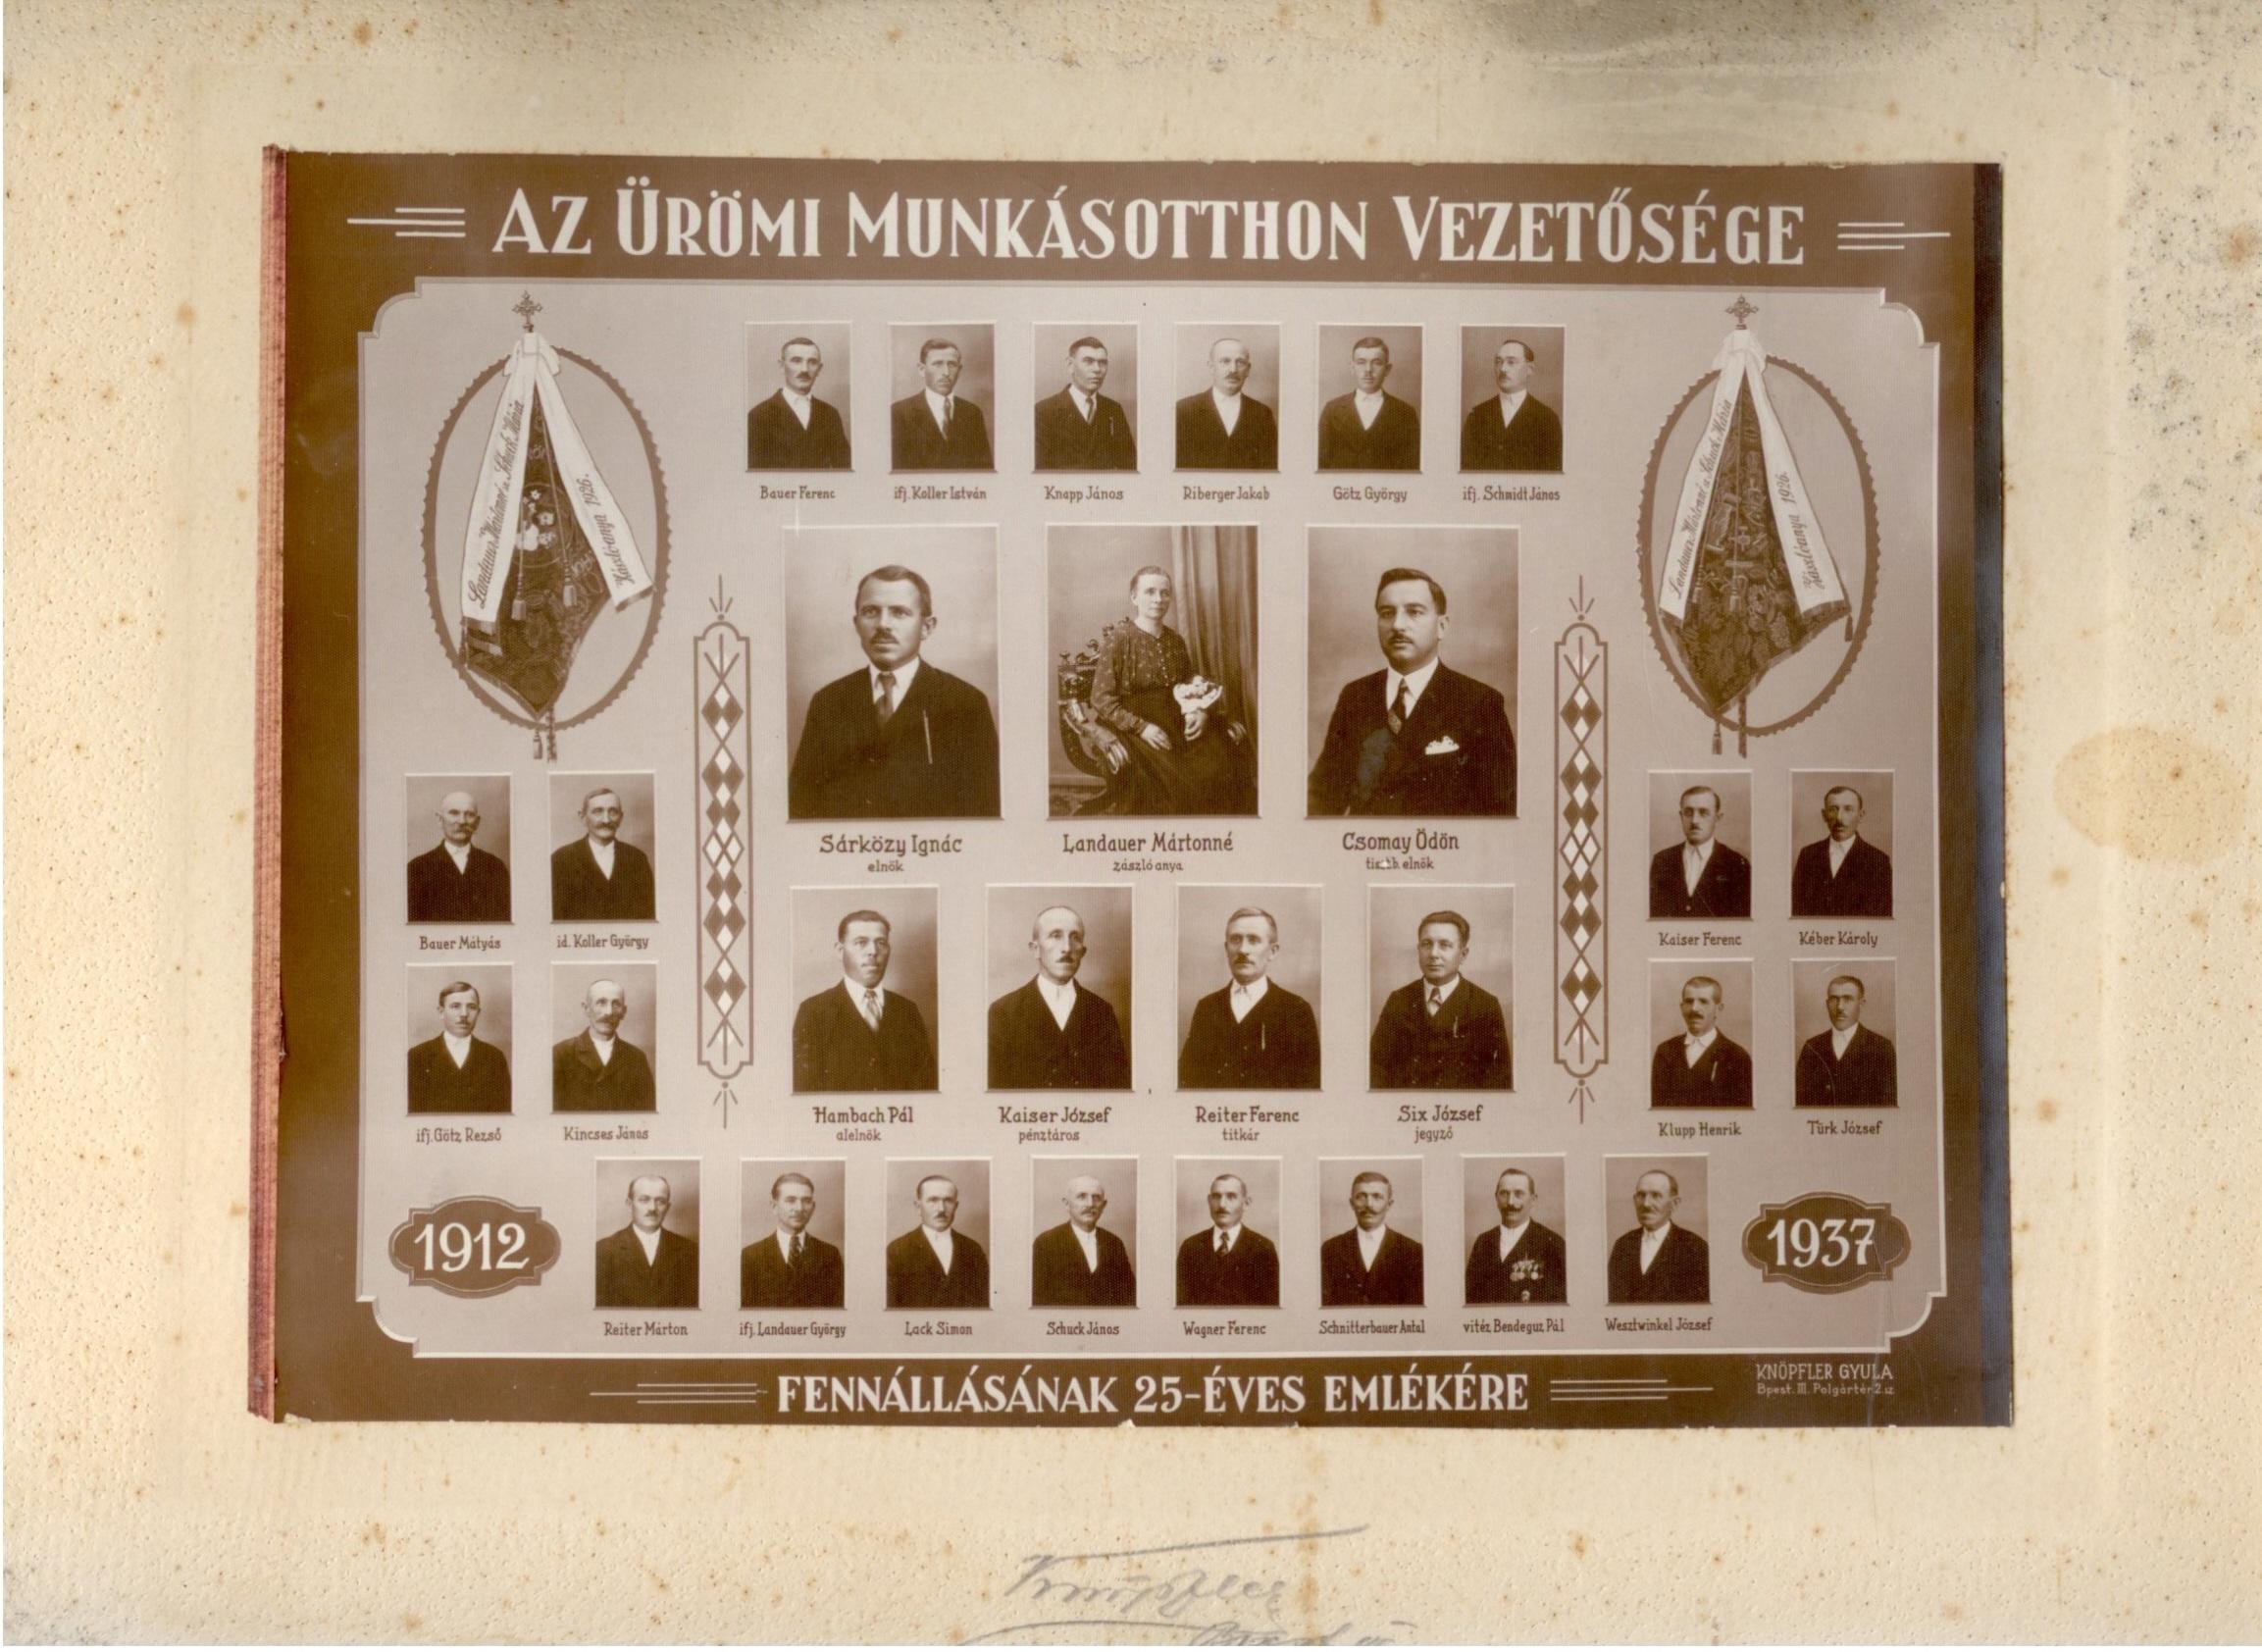 uromi_munkasotthon_tablokep_1937.jpg